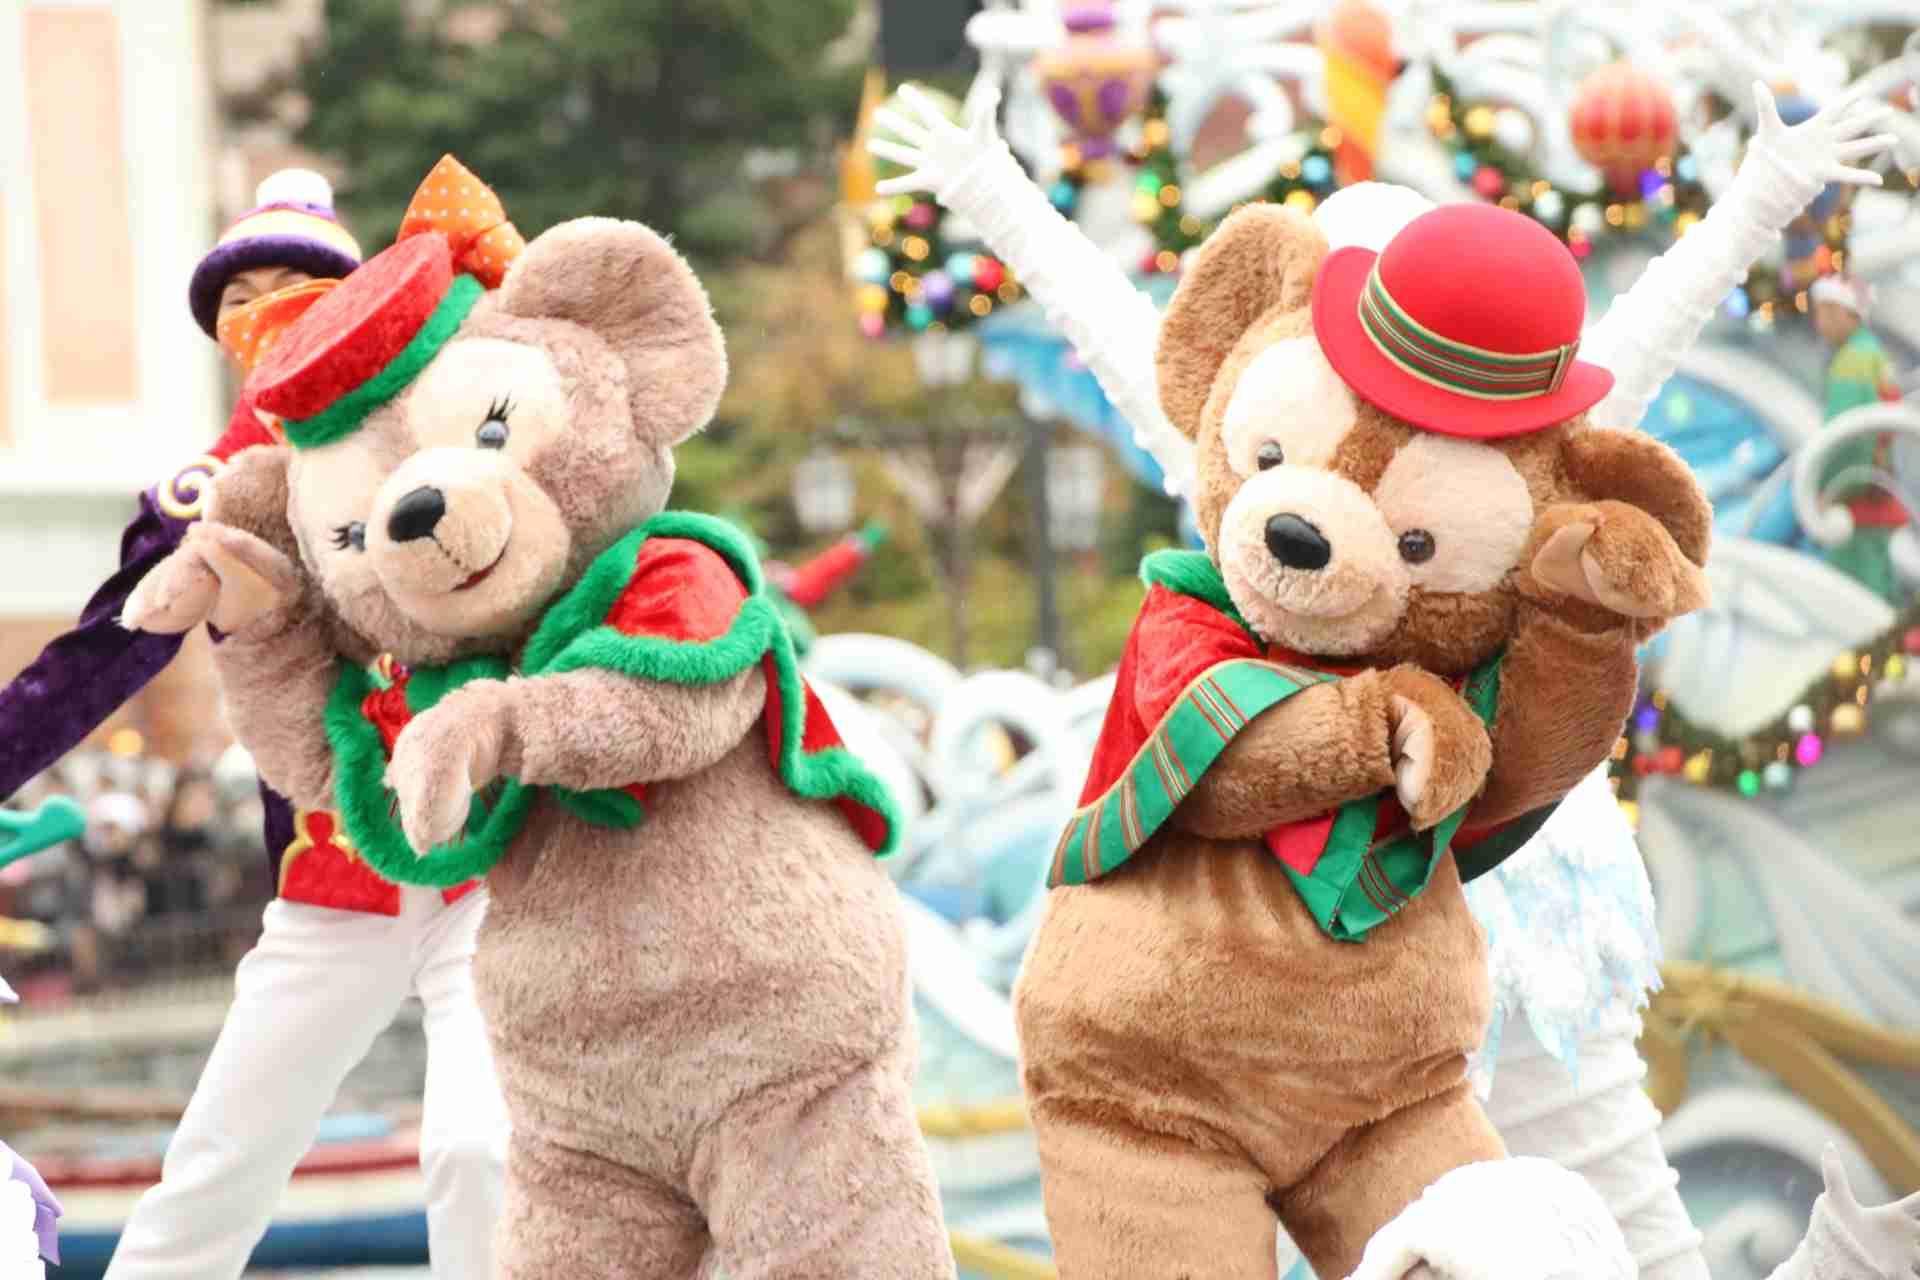 東京ディズニーランドかシーどちらがおすすめですか?